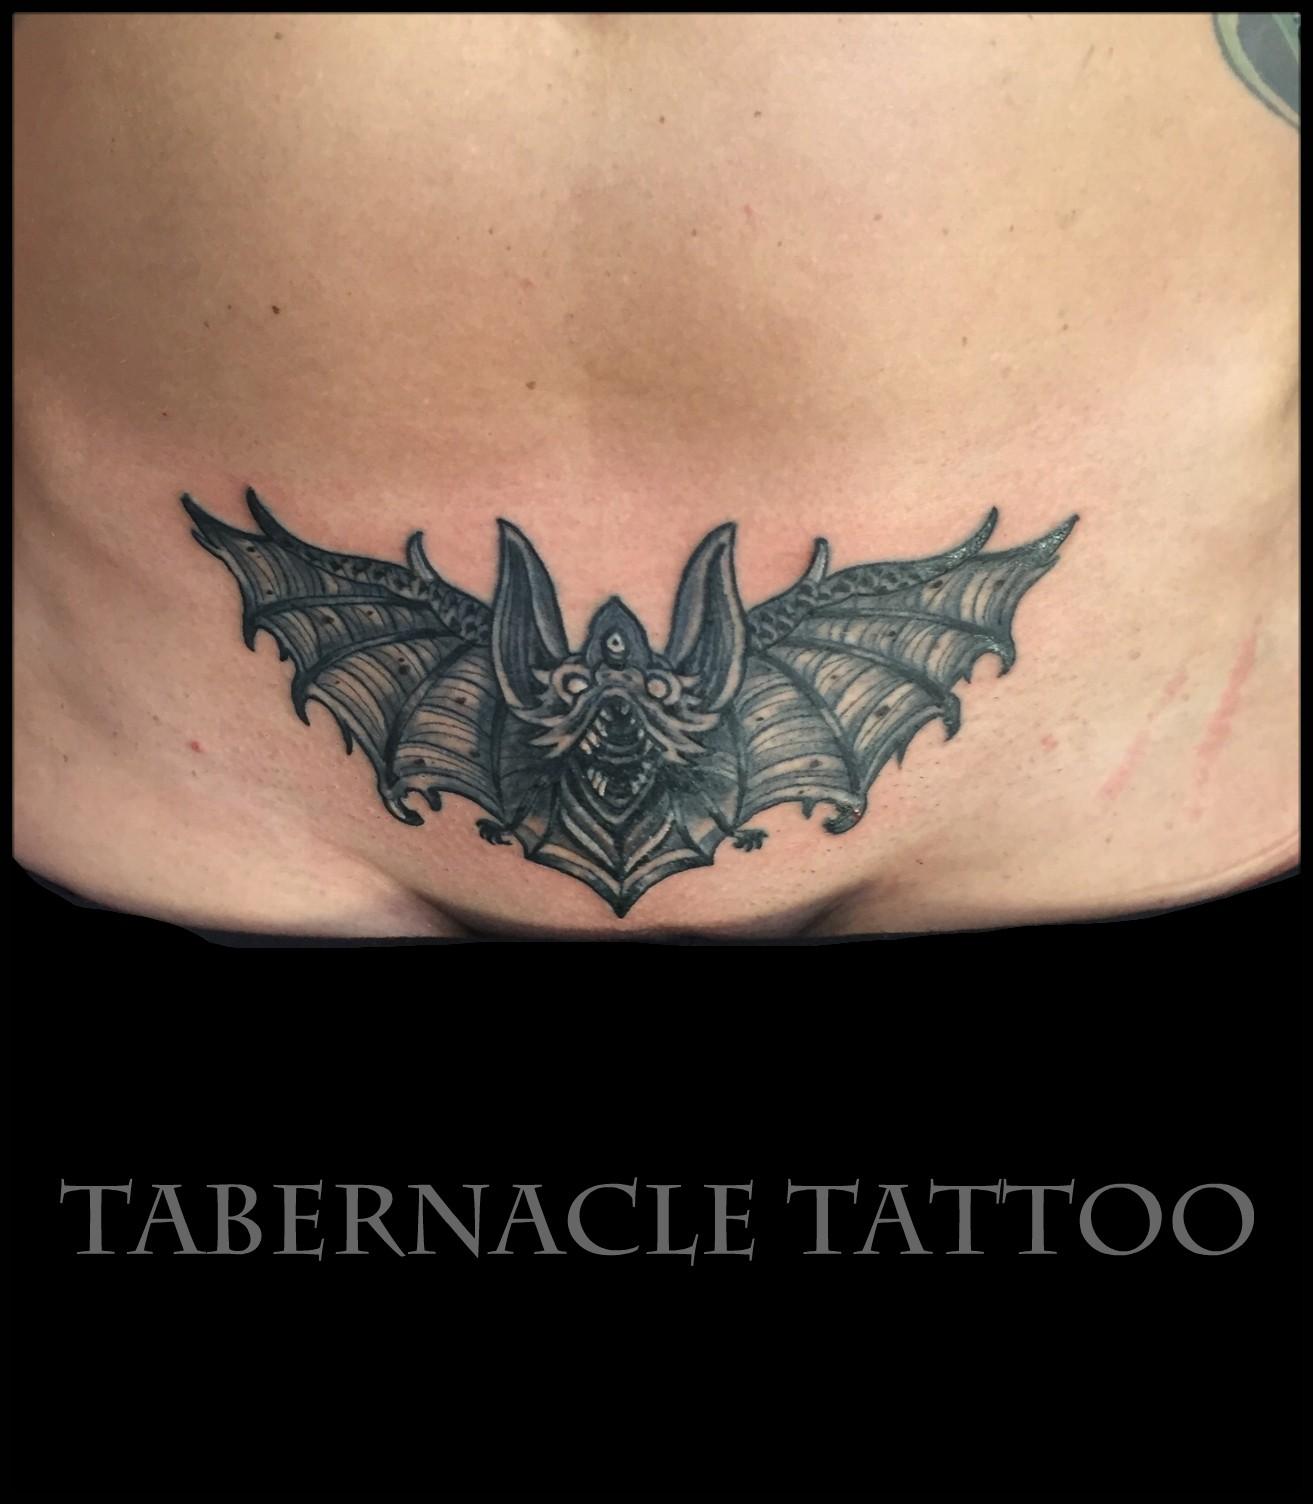 Pelvic tattoo on female